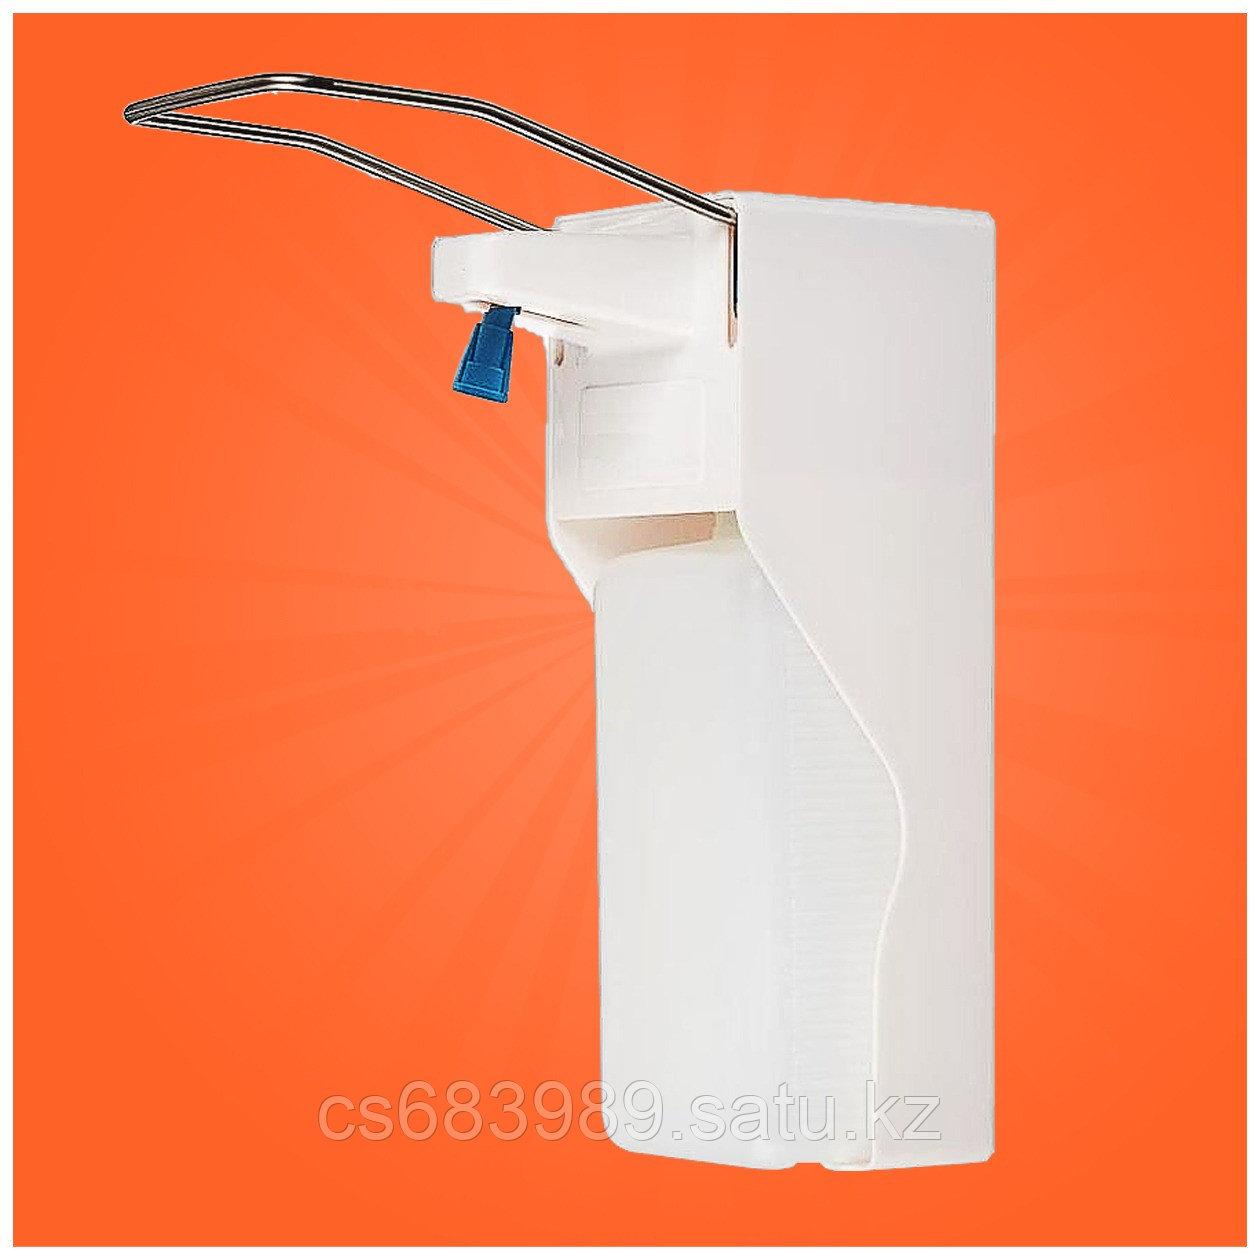 Медицинский локтевой дозатор для антисептика и жидкого мыла 1000 мл